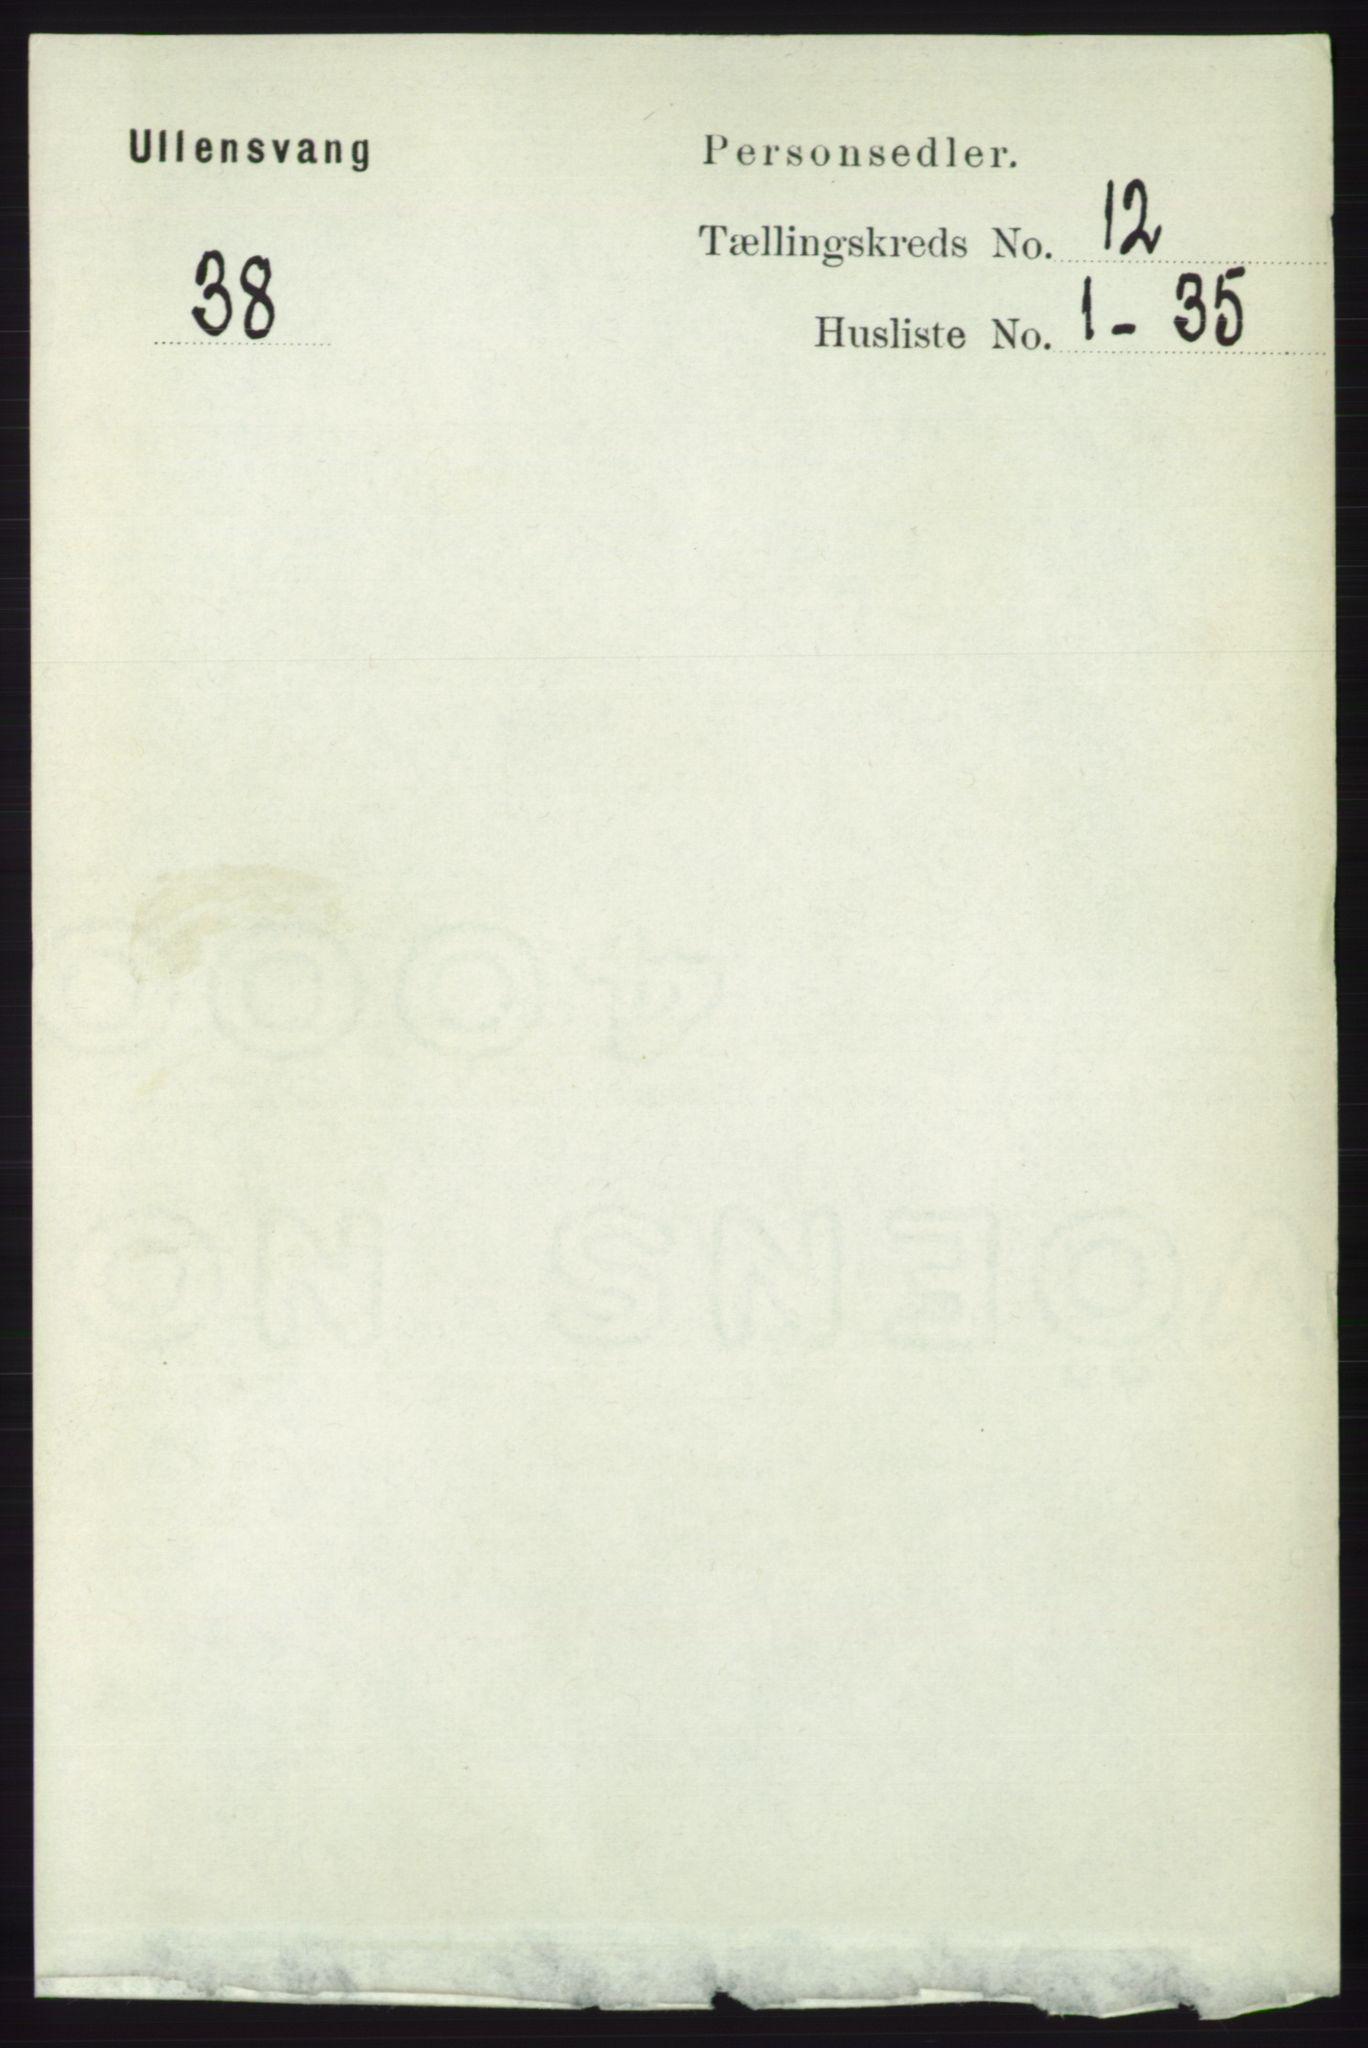 RA, Folketelling 1891 for 1230 Ullensvang herred, 1891, s. 4666